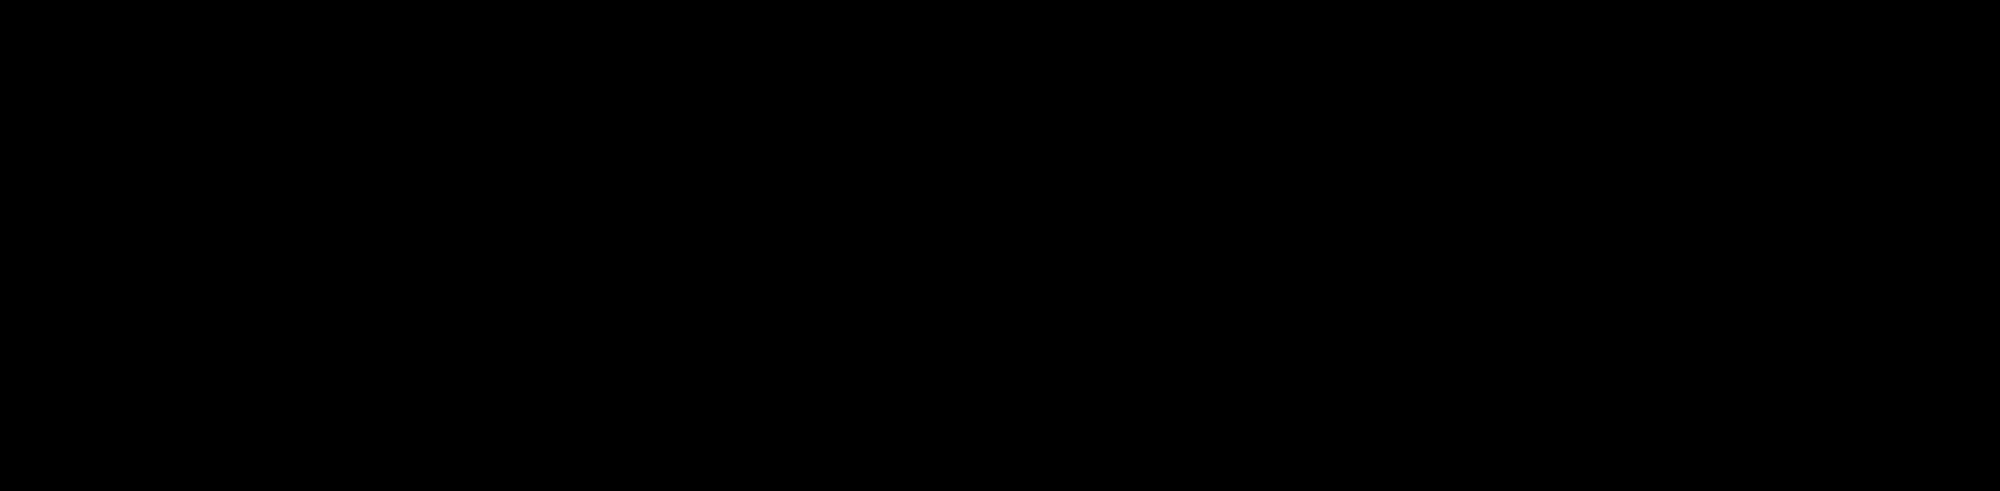 f r i n g e . y o g a-logo-black 3